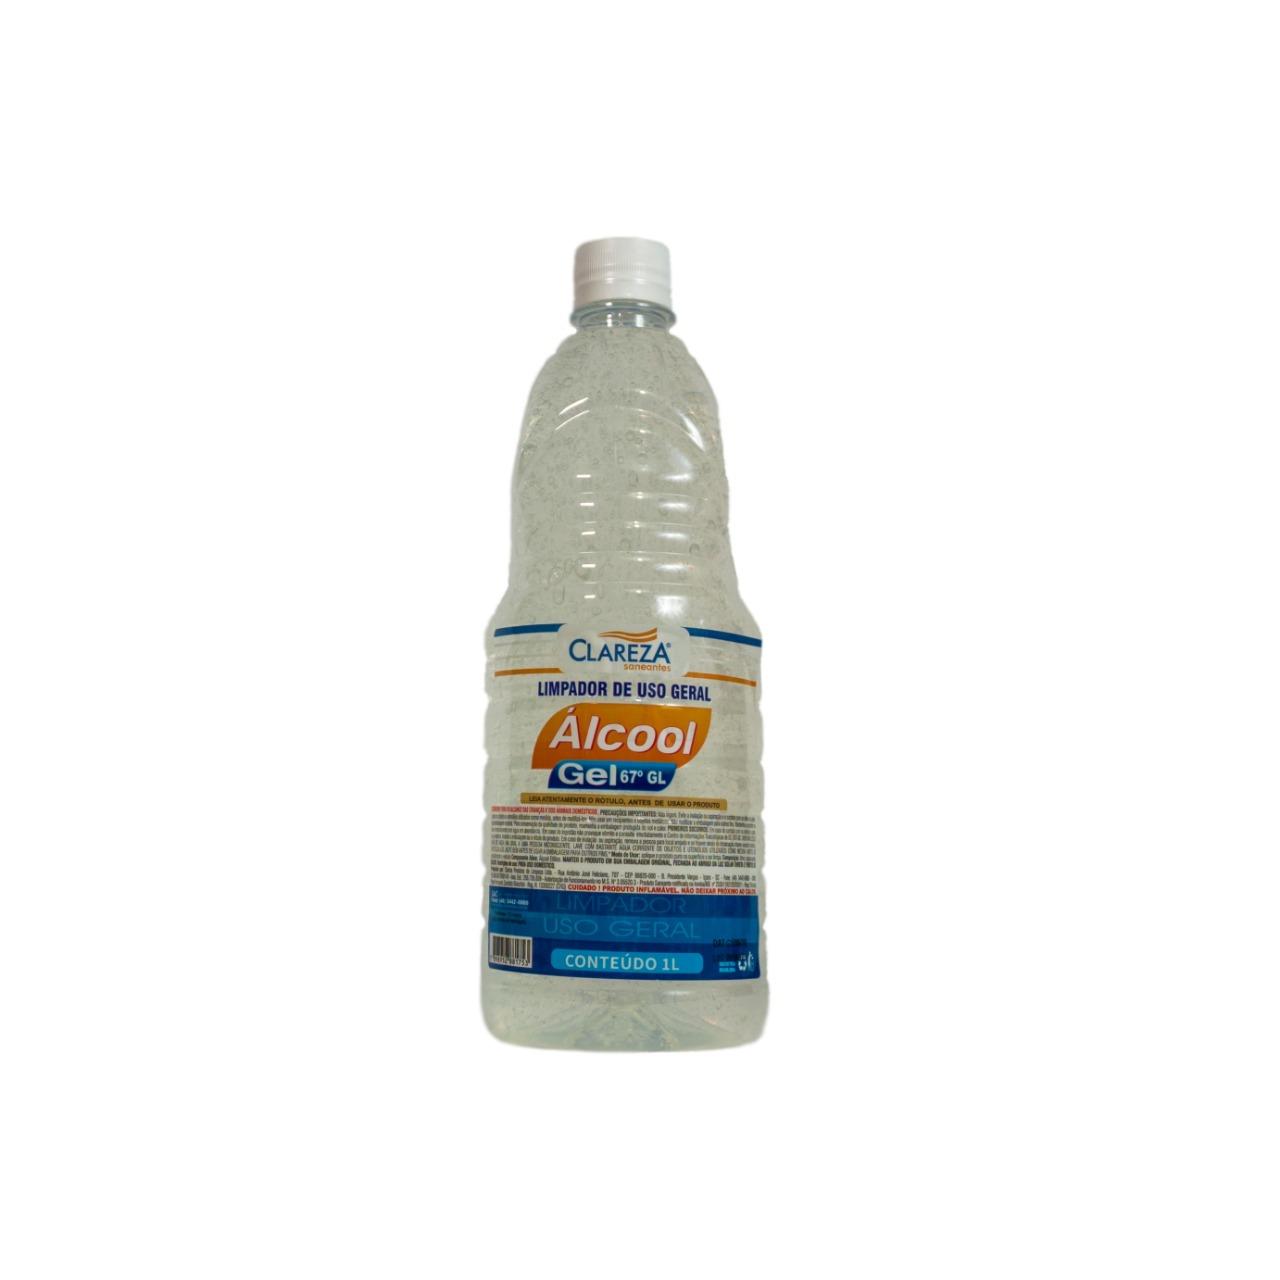 Álcool Gel 1LX12UN (CAIXA) - Clareza Saneantes